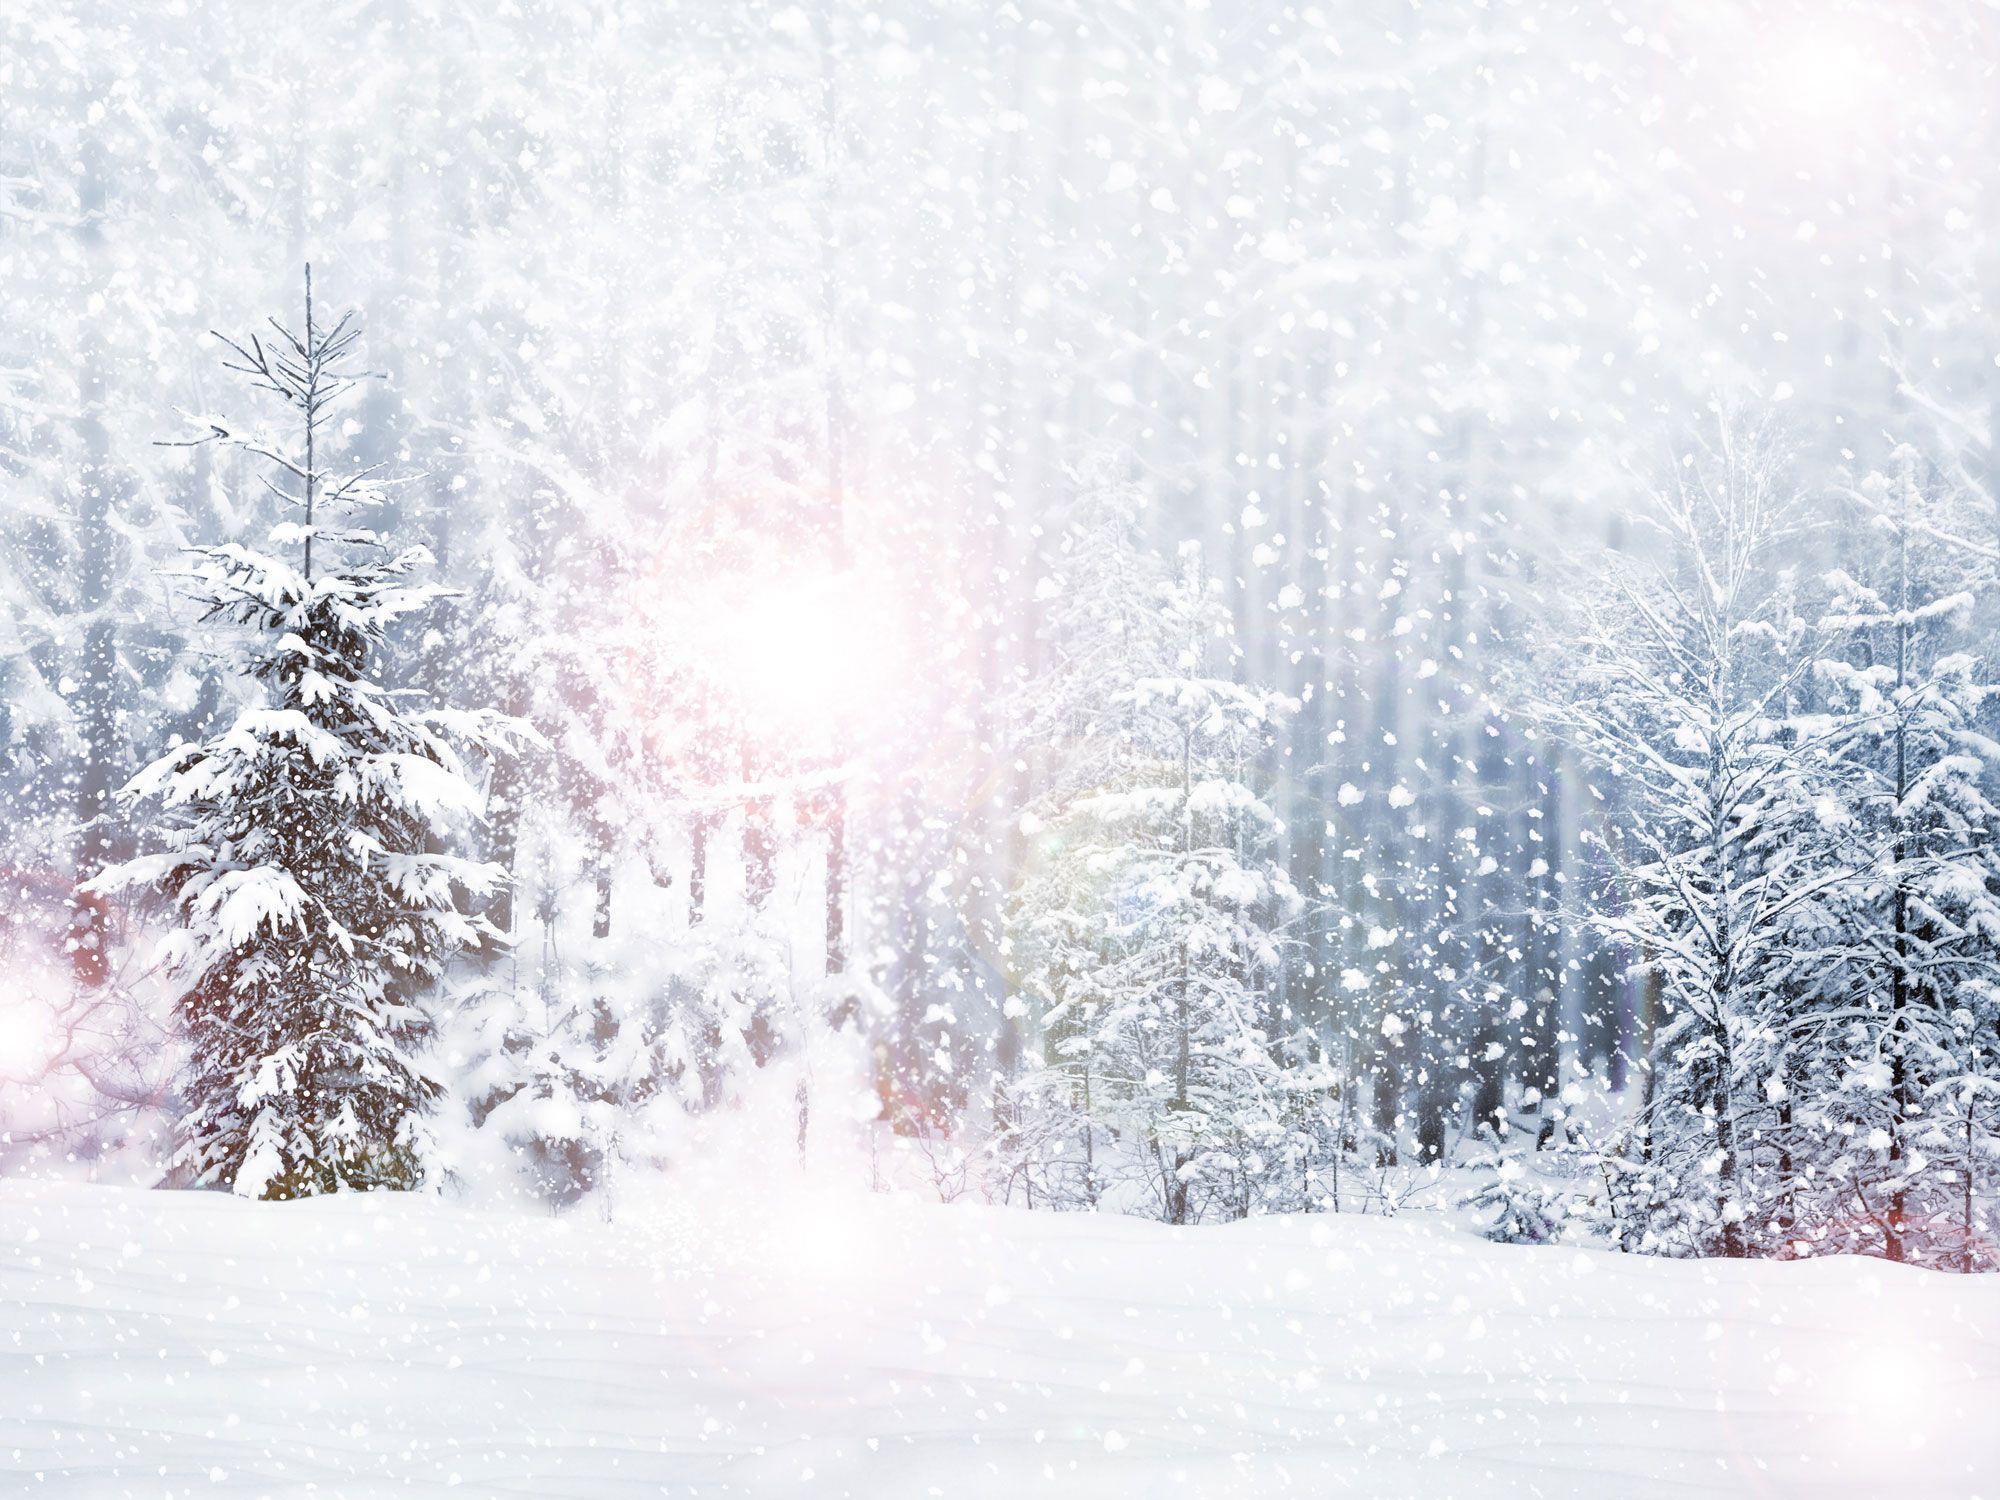 Winte Снегопад лес Деревья Виниловый Фотография фоны Frost лес фото Booth обои для рождественской вечеринки студии реквизита